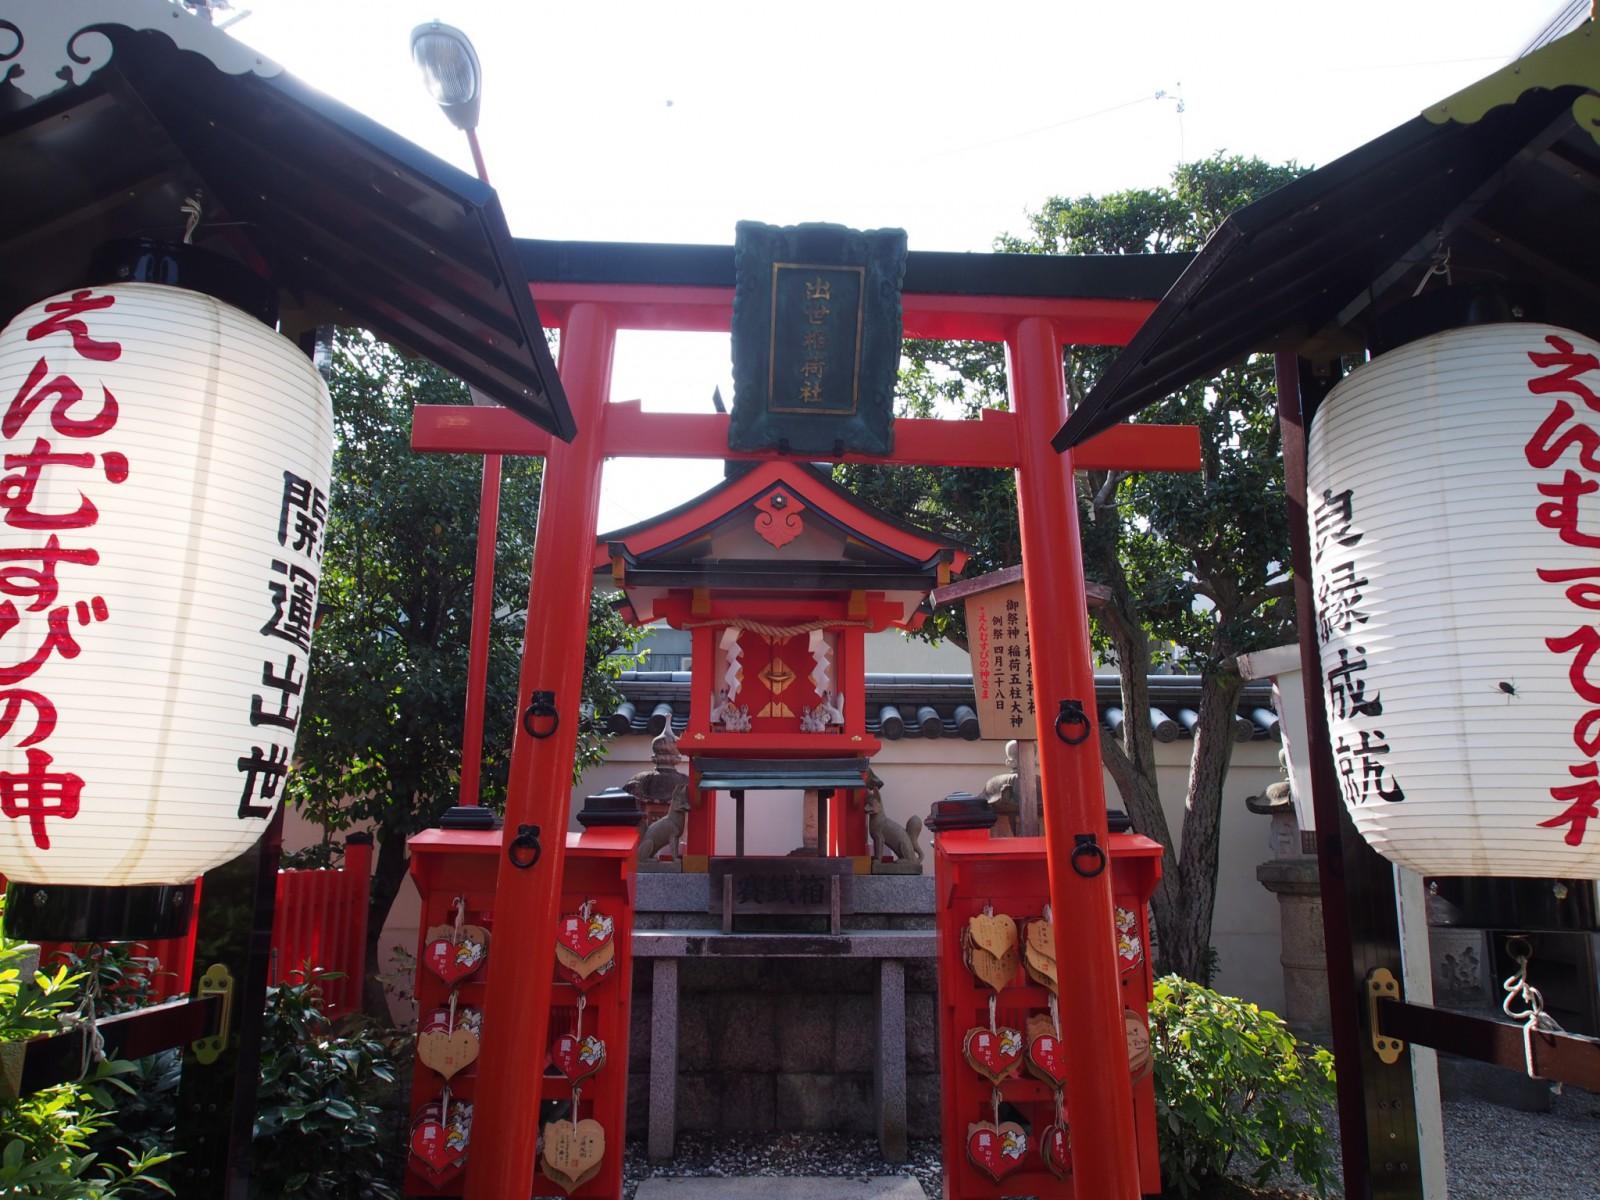 えんむすびの神様「出世稲荷社」(奈良・御霊神社)